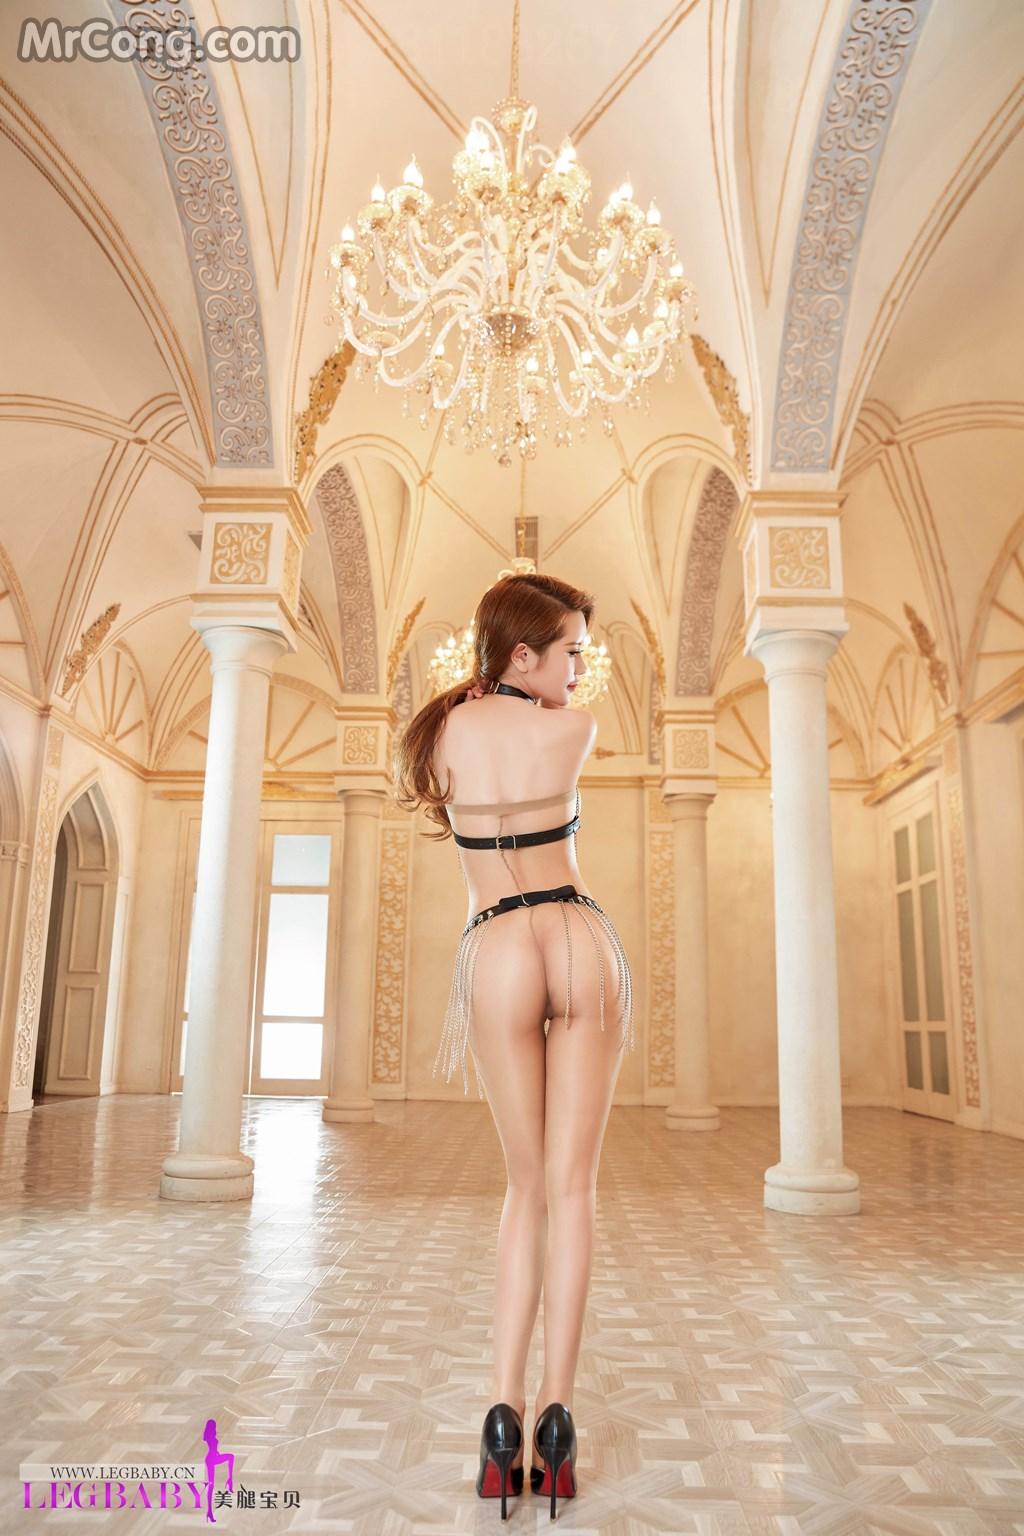 LegBaby B001: Người mẫu Qiao Ke Han (乔柯涵) (51 ảnh)